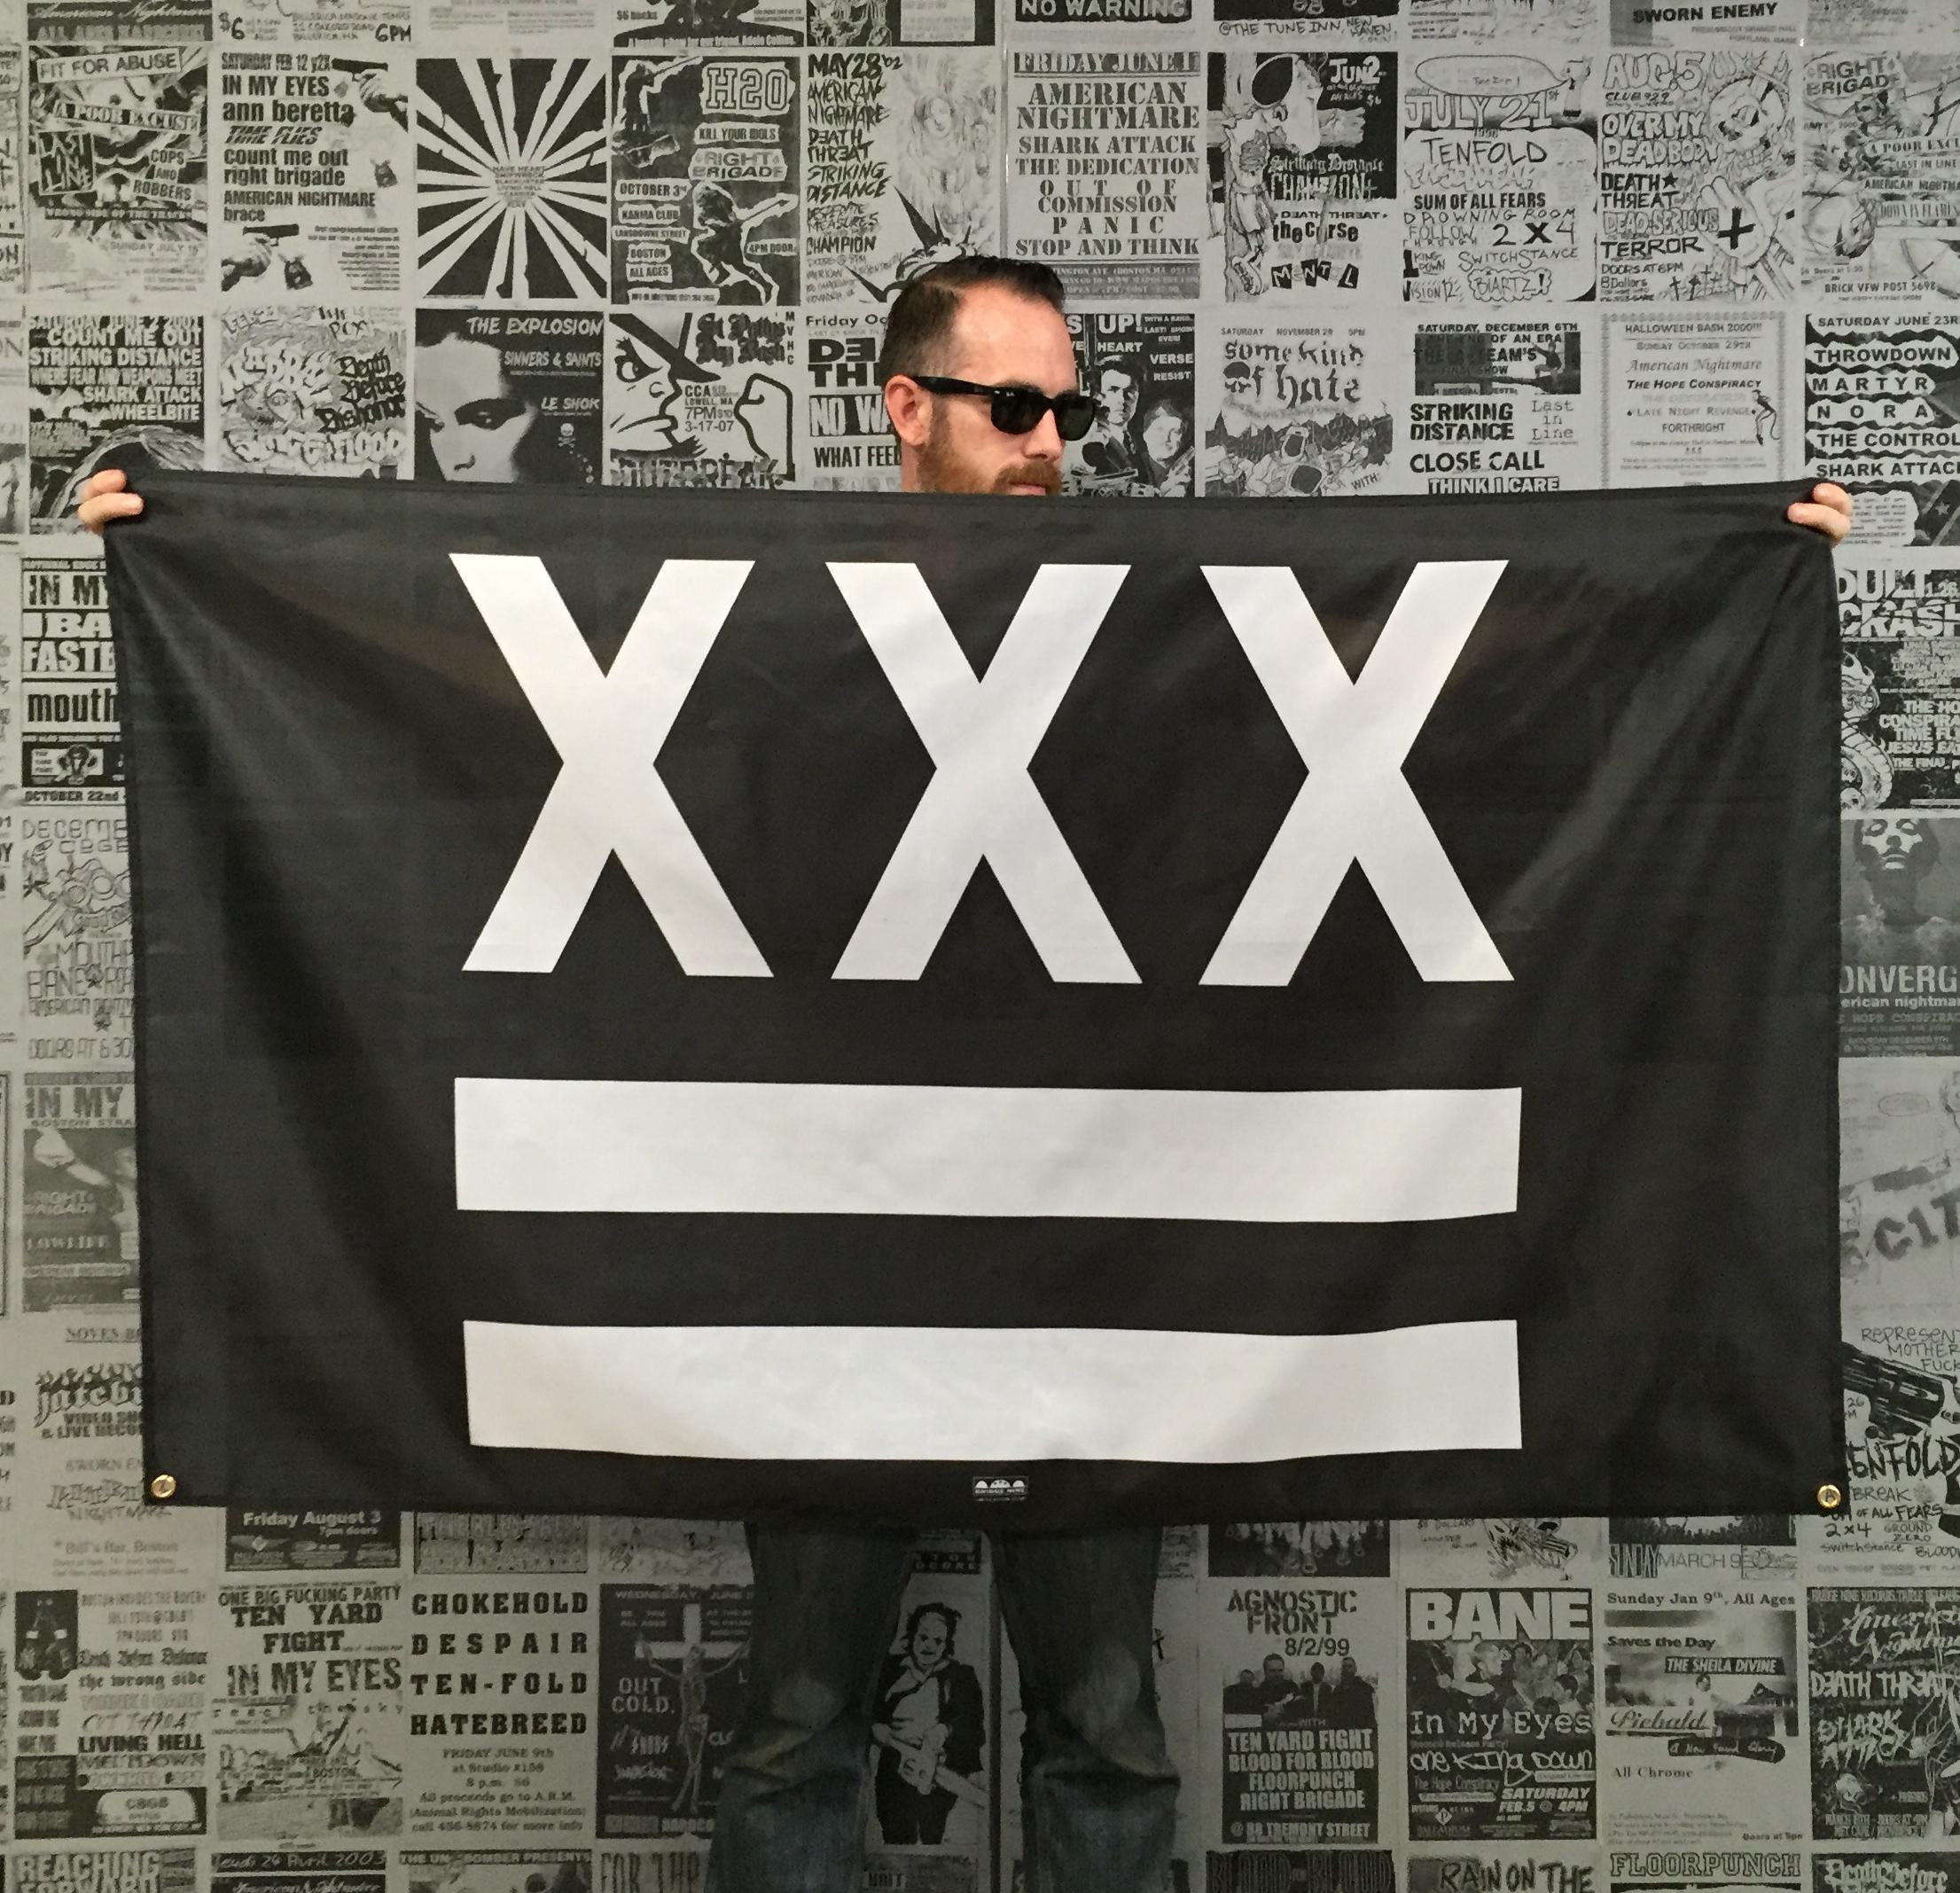 Xxx Banner 98